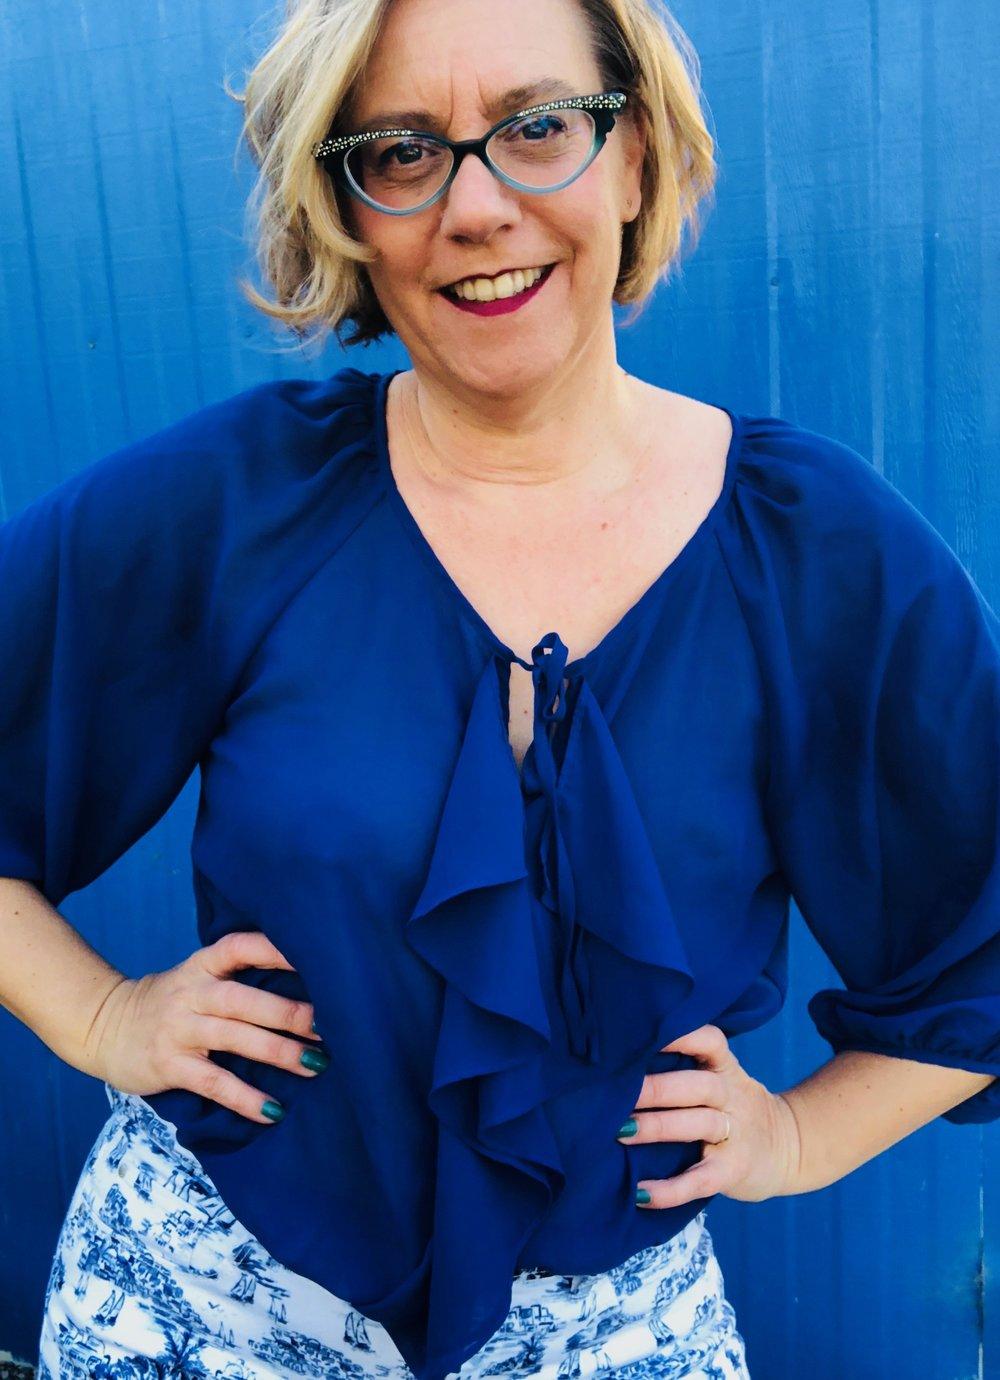 Melissa Jansen